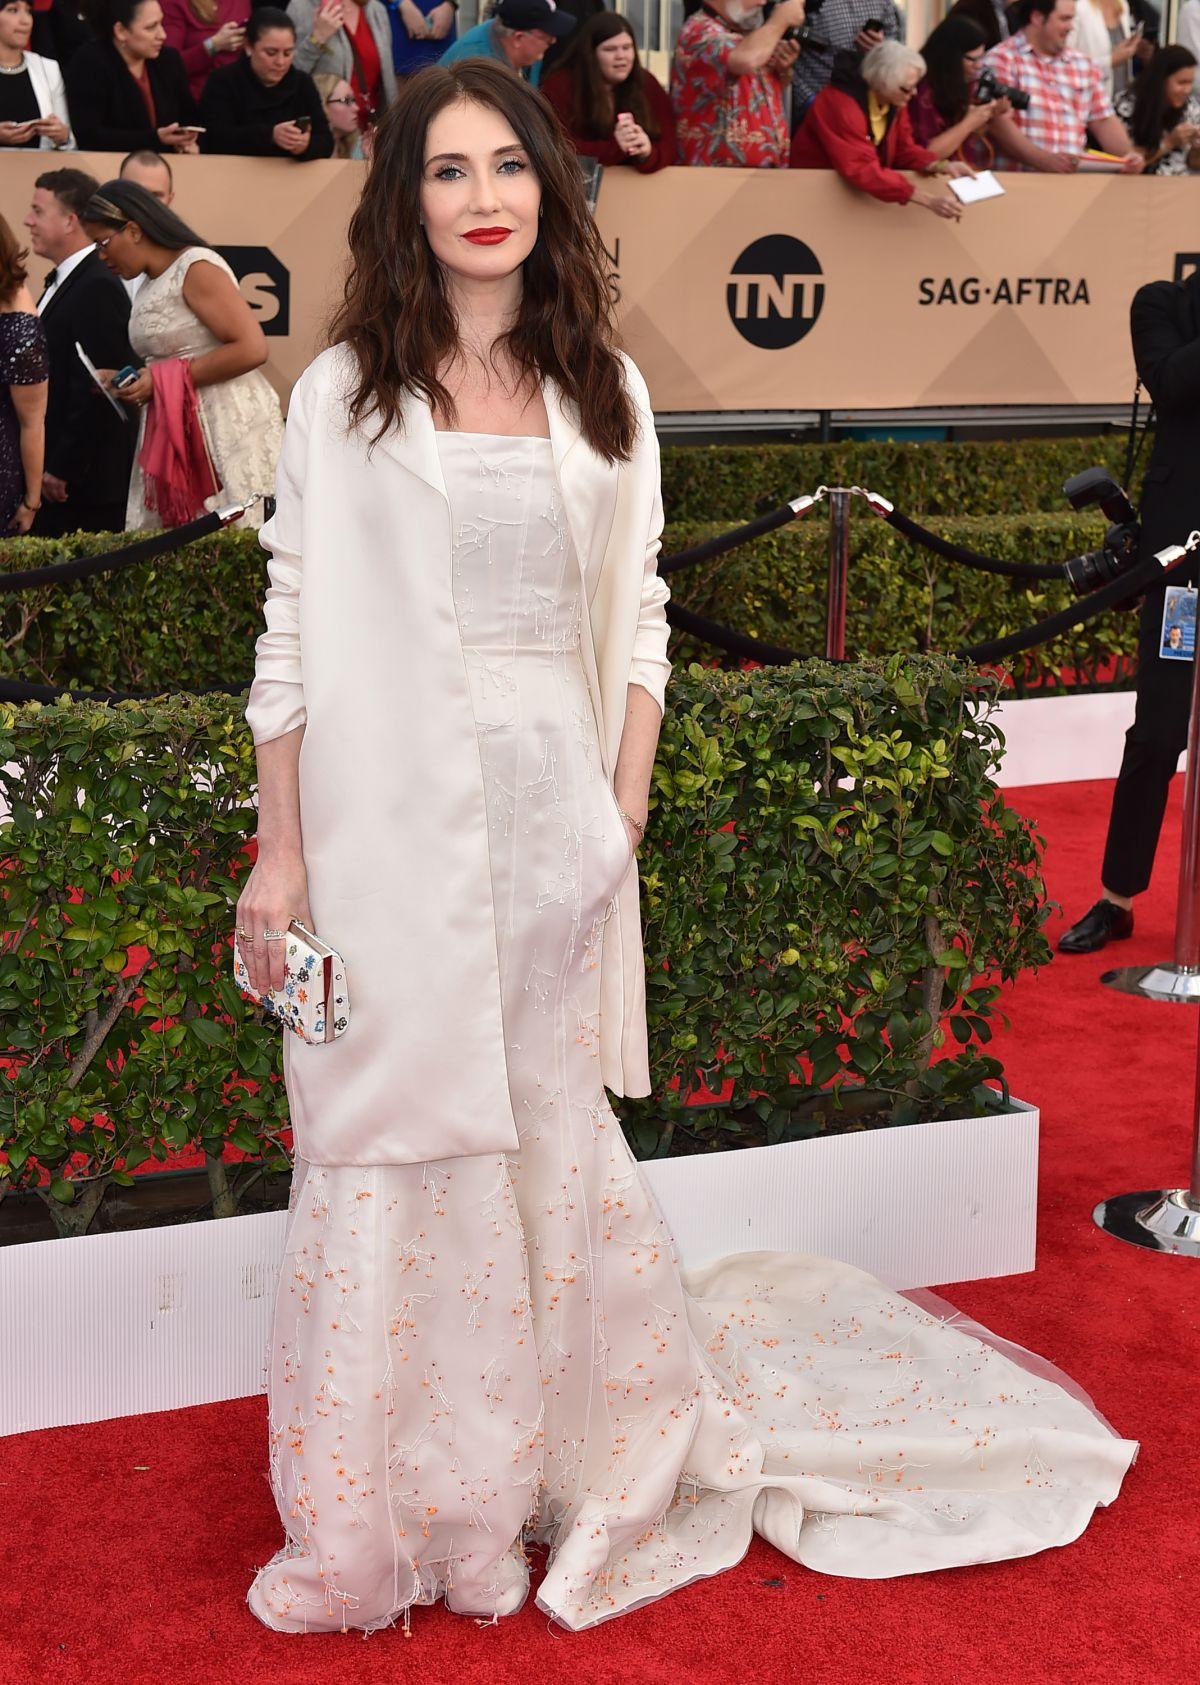 CARICE VAN HOUTEN at Screen Actors Guild Awards 2016 in Los Angeles 01/30/2016